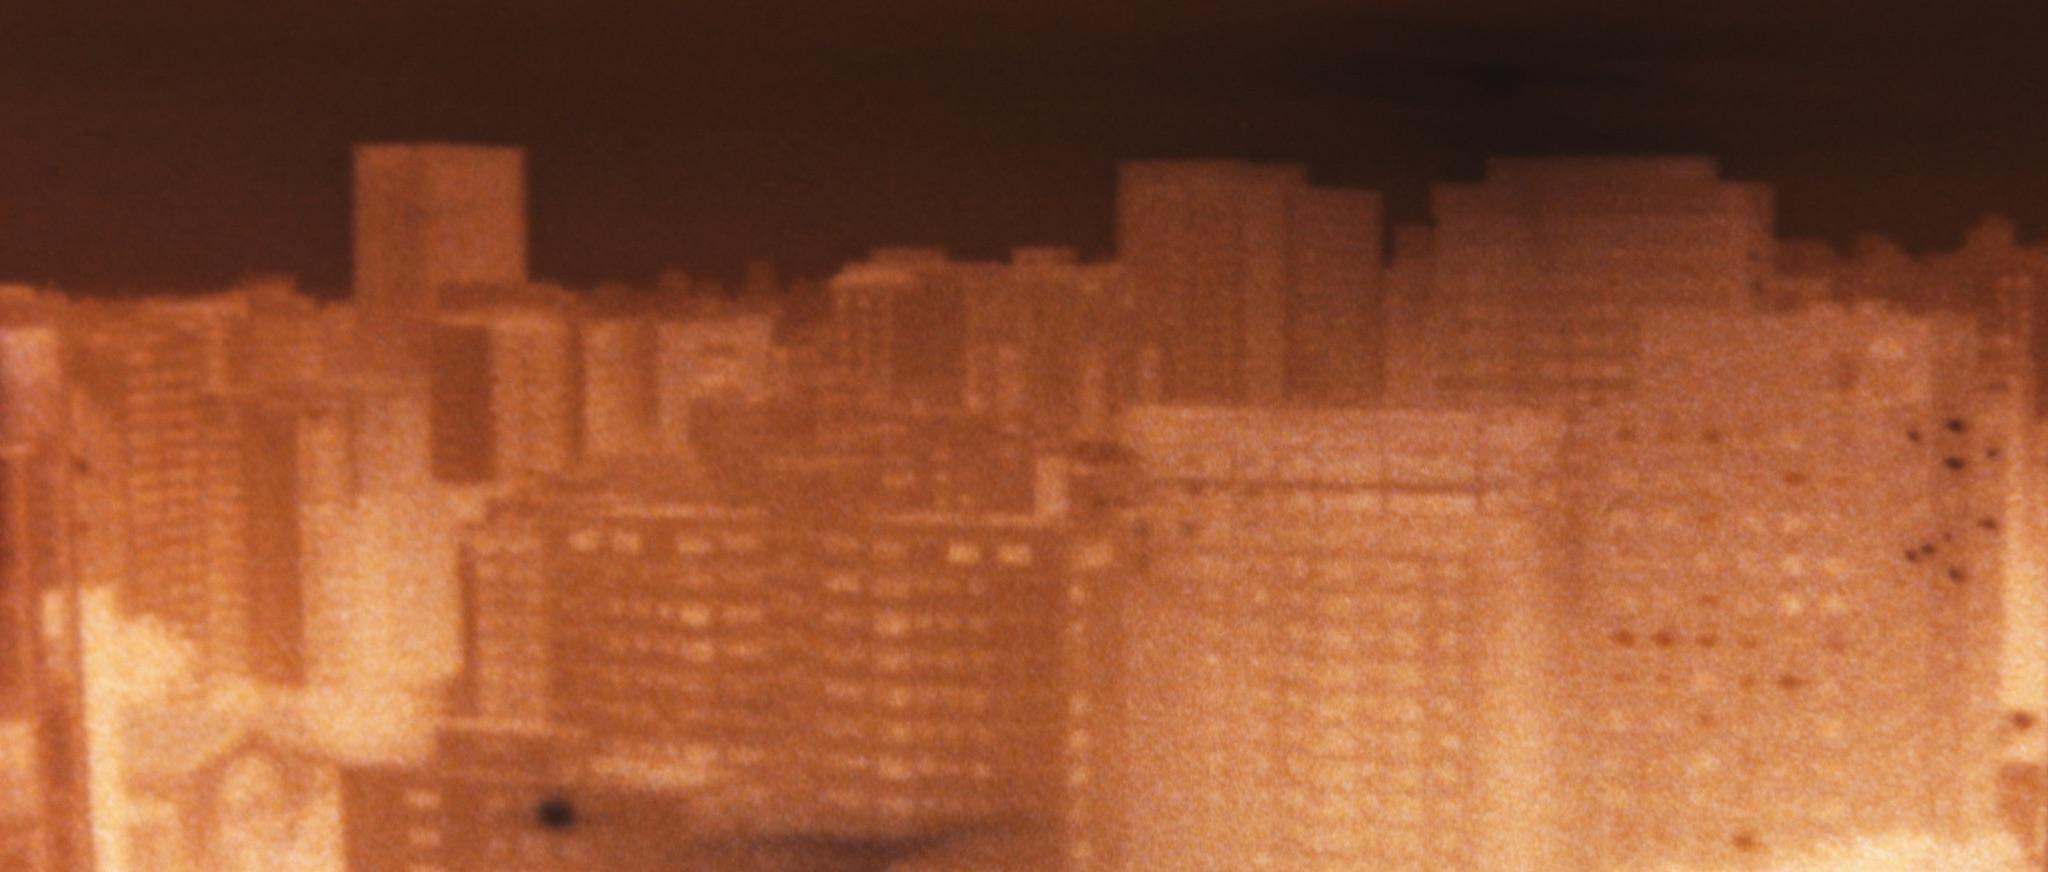 light cone cinéma spoutnik LE PAYS DÉVASTÉ Emmanuel LEFRANT